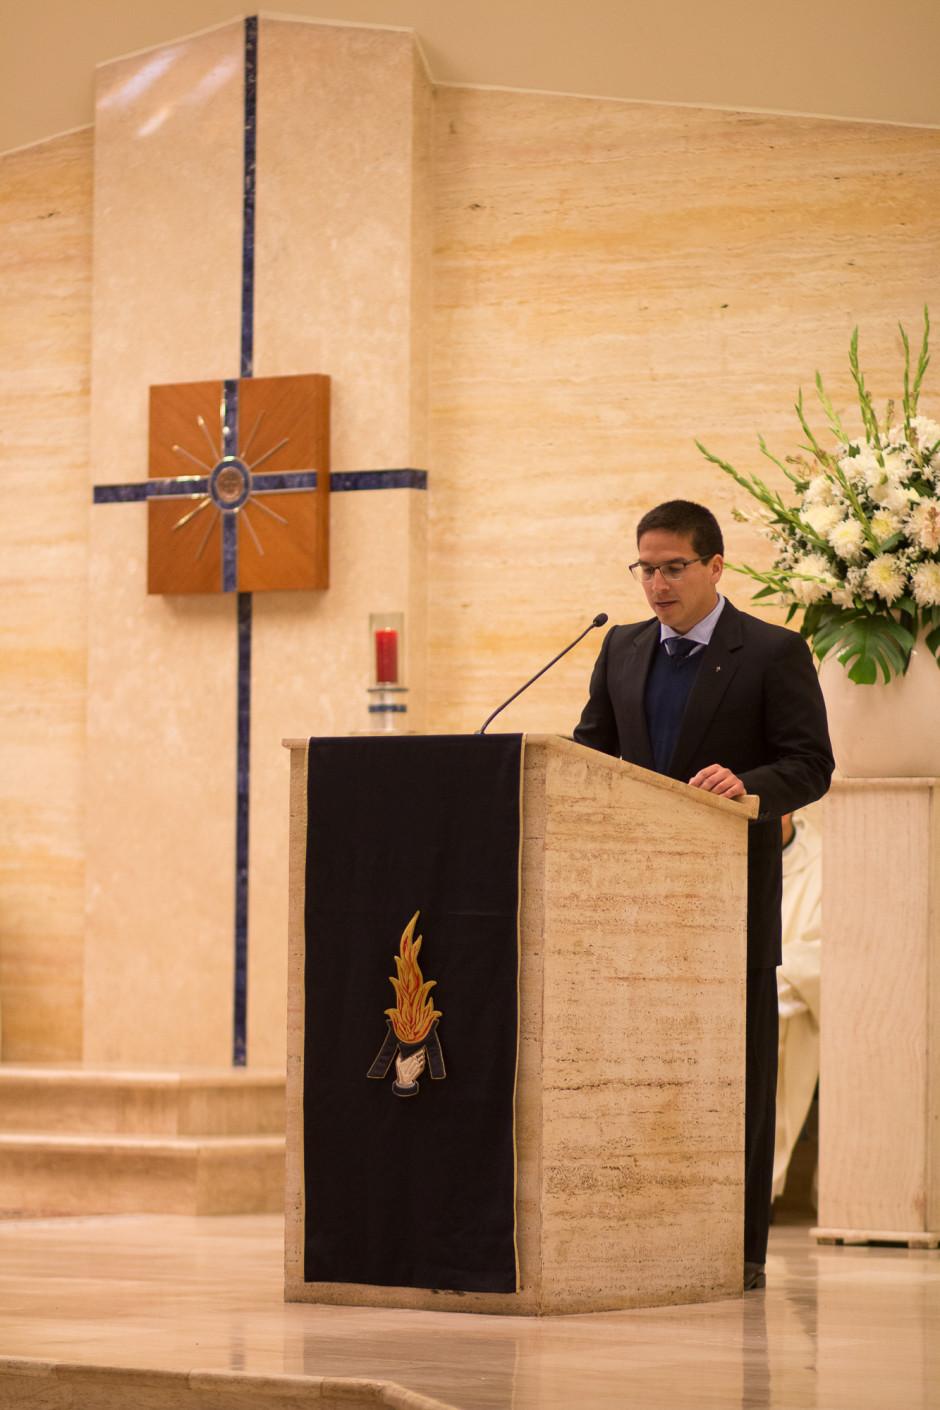 Profesión Perpetua de José Antonio Dávila en el Sodalicio de Vida Cristiana (20)